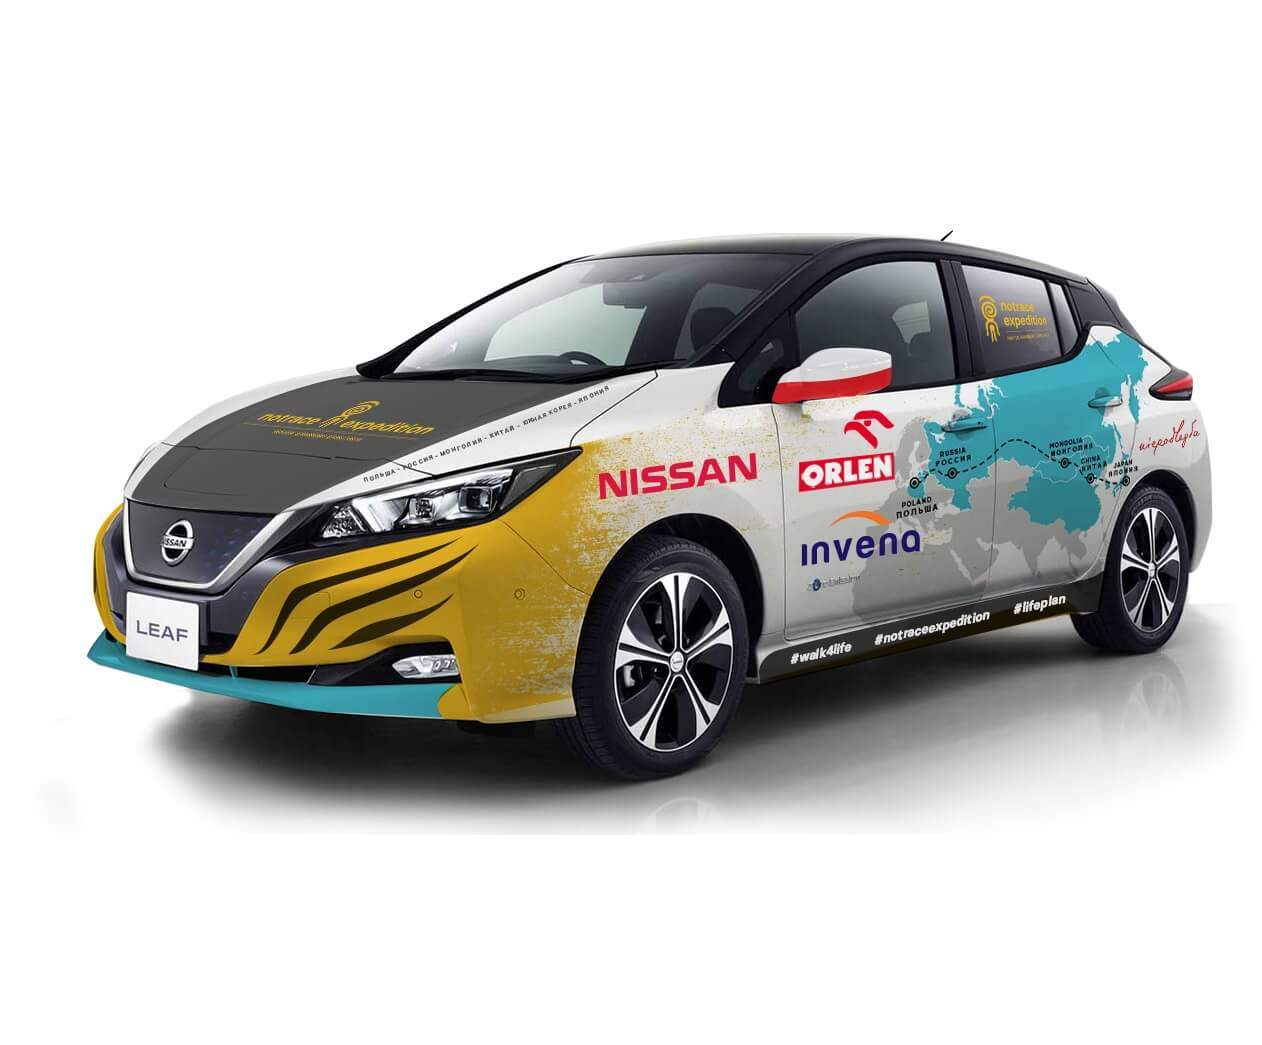 Nissan Leaf второго поколения подготовленный для путешествия